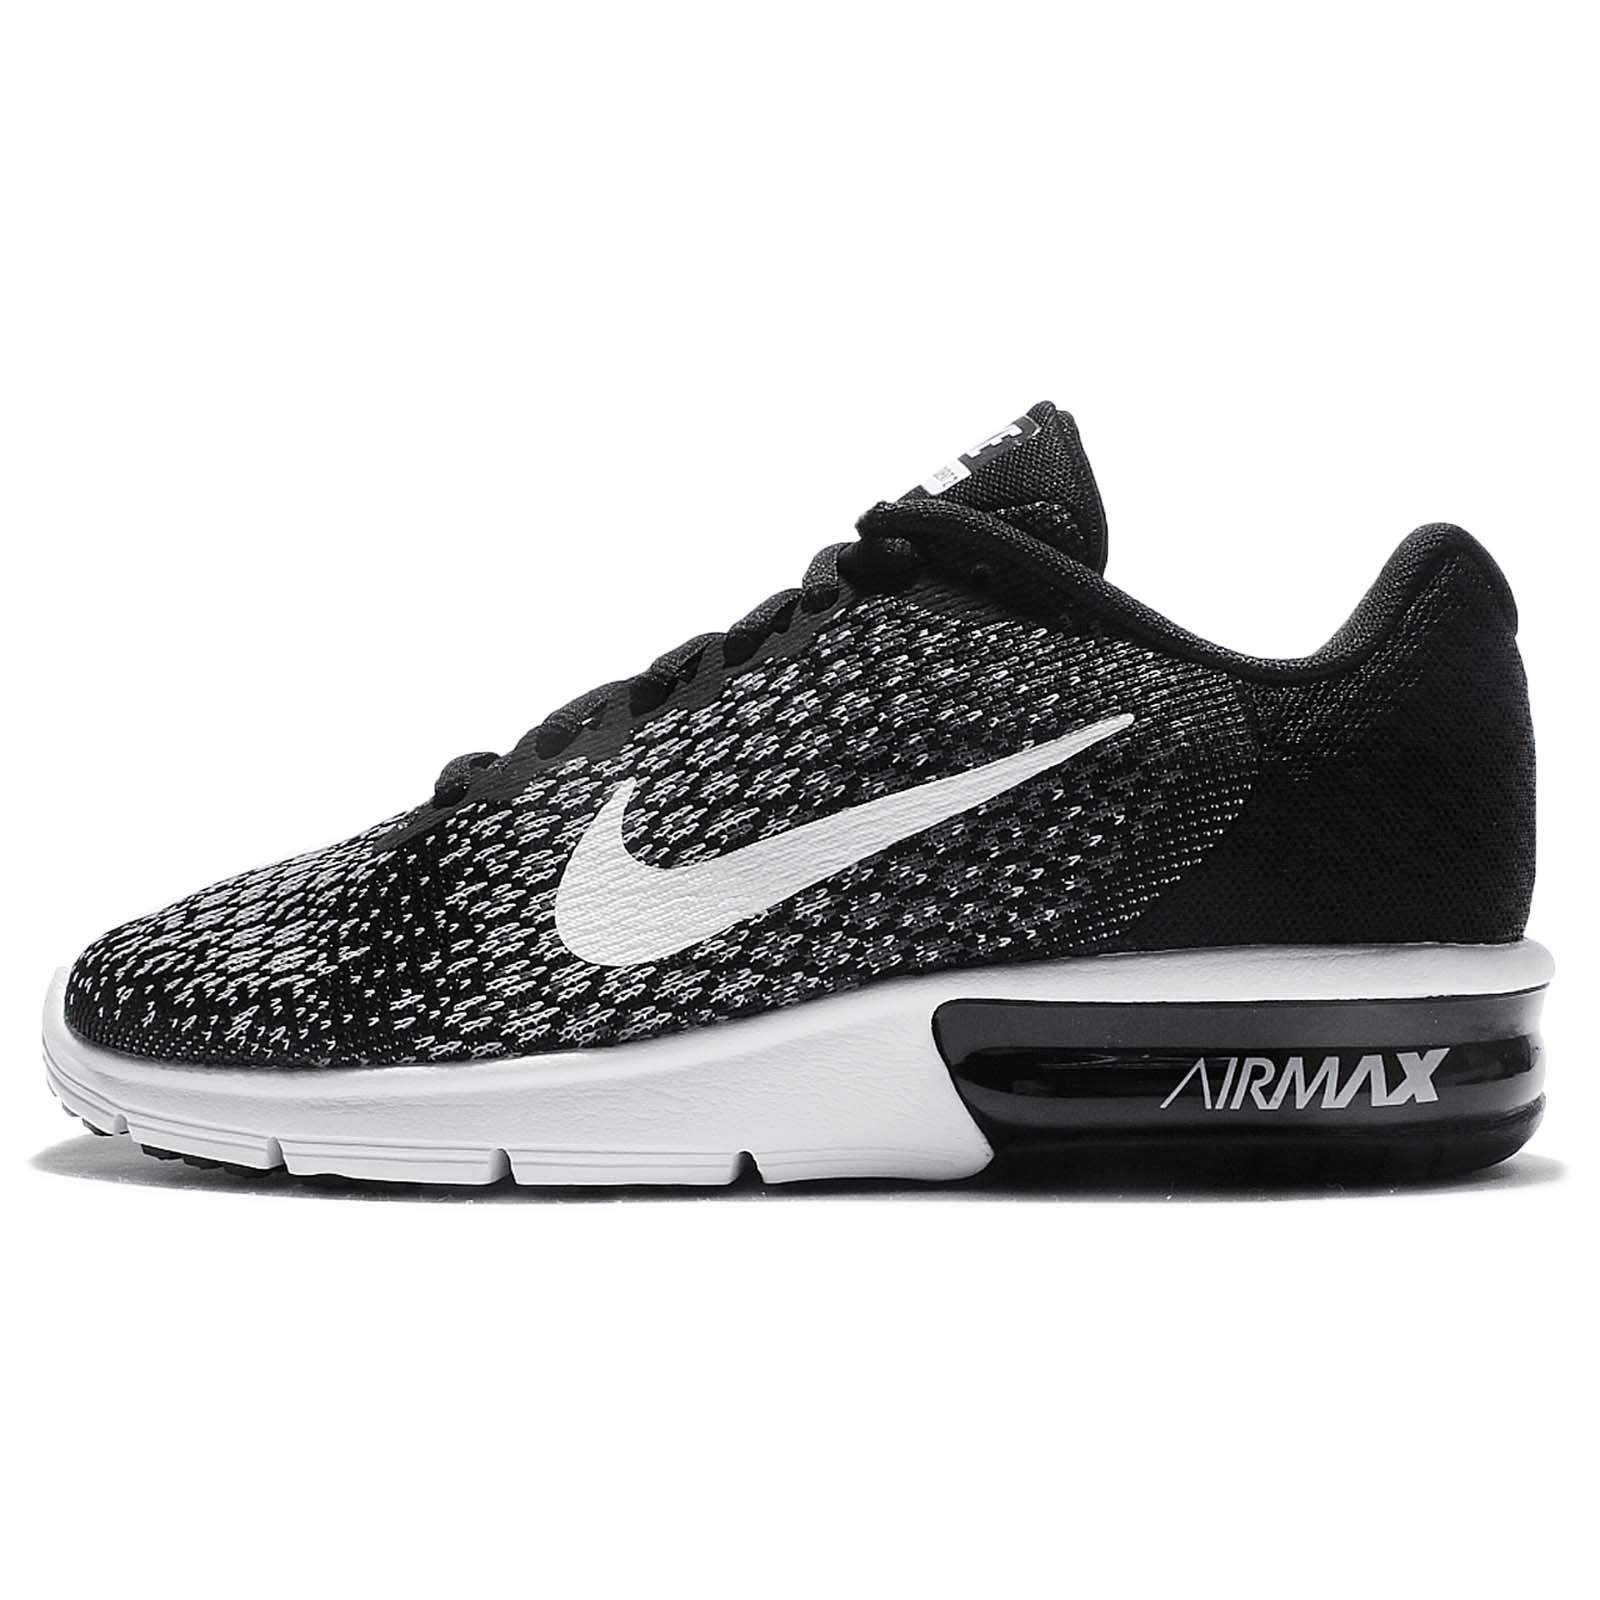 sports shoes 2da5a e2420 Galleon - NIKE Women s WMNS Air Max Sequent 2, Black White Dark Grey, 5 M US